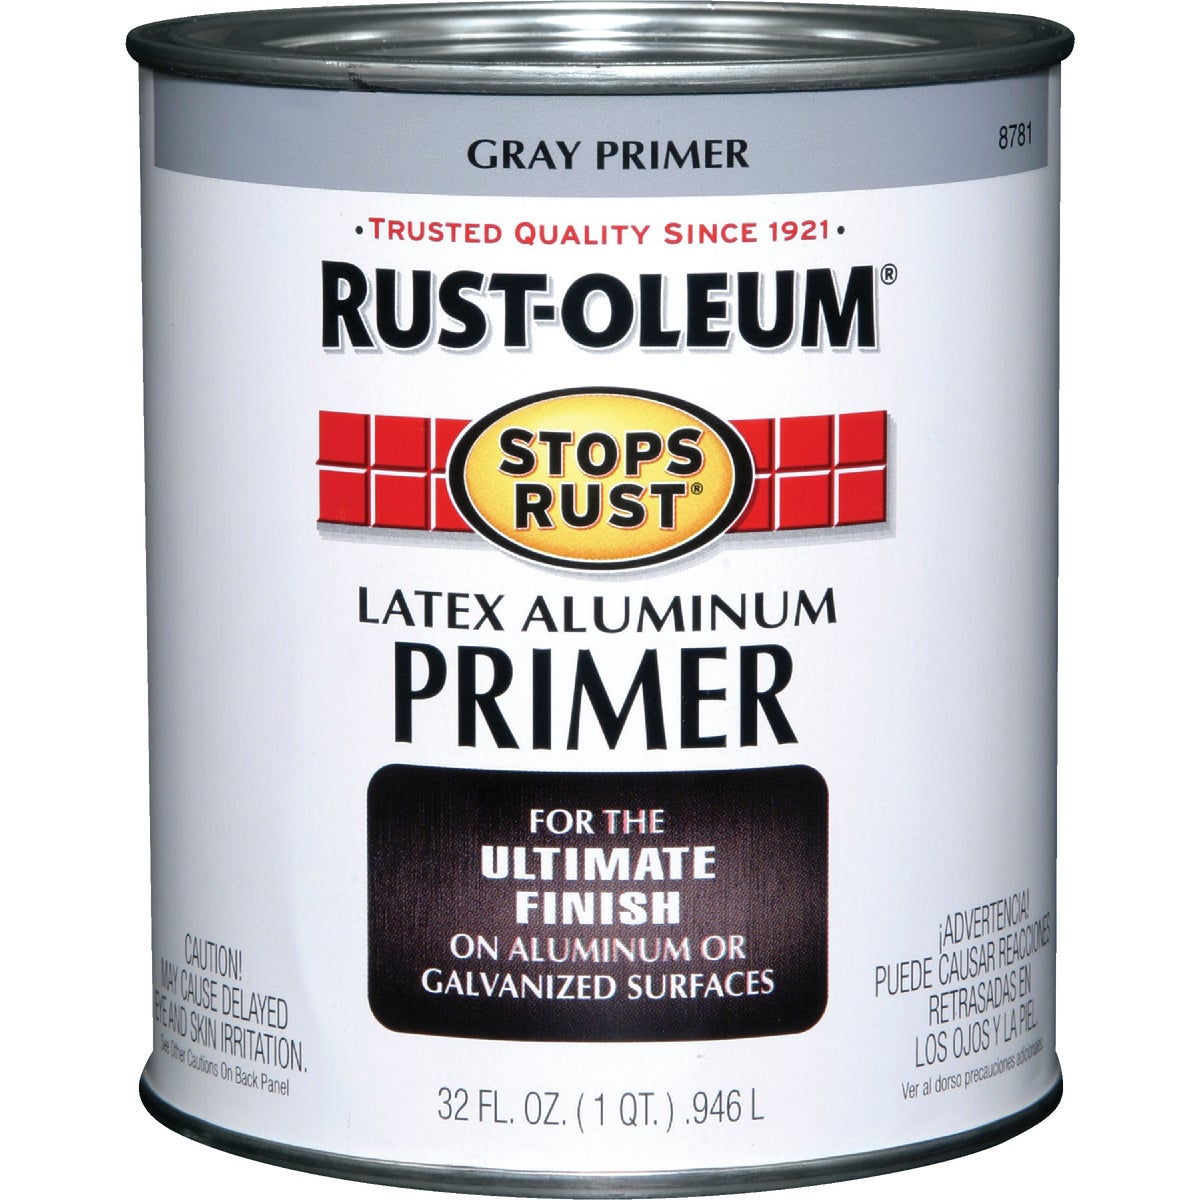 LATEX ALUMINUM PRIMER